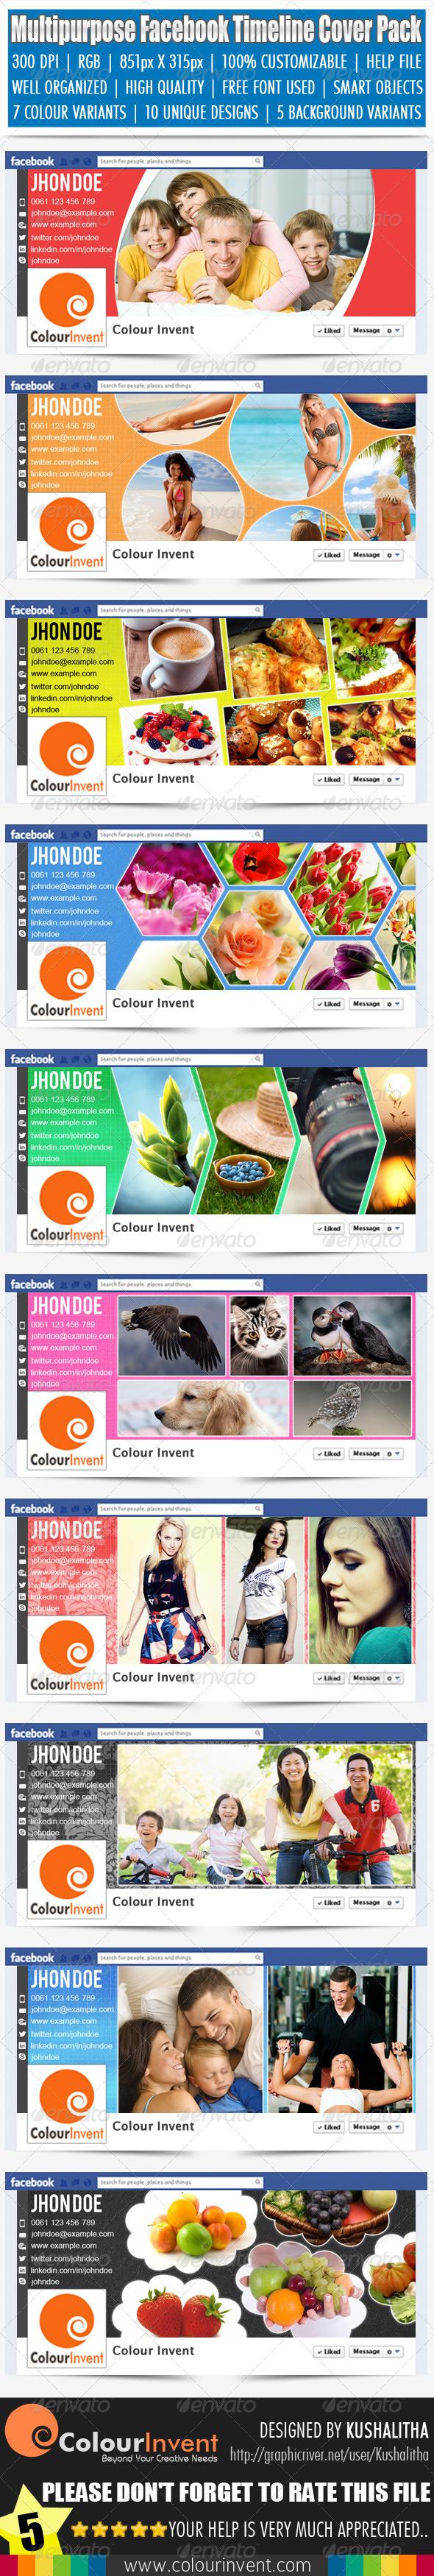 Multipurpose Facebook Timeline Cover Pack - Facebook Timeline Covers Social Media